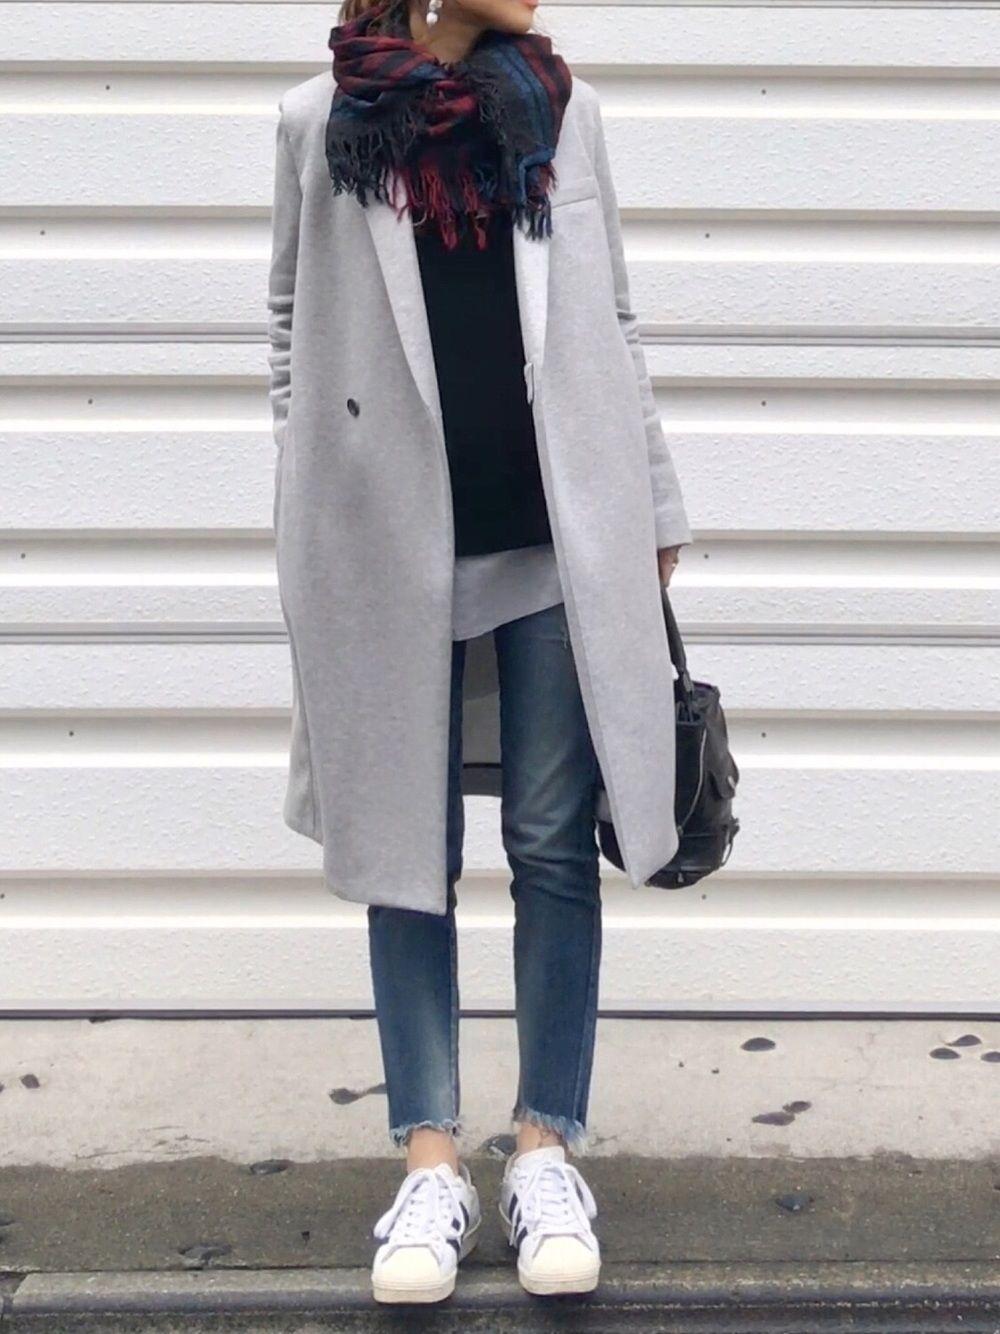 Mue The Reracsのチェスターコートを使ったコーディネート ファッション 2017 秋冬 ファッション ファッションスタイル